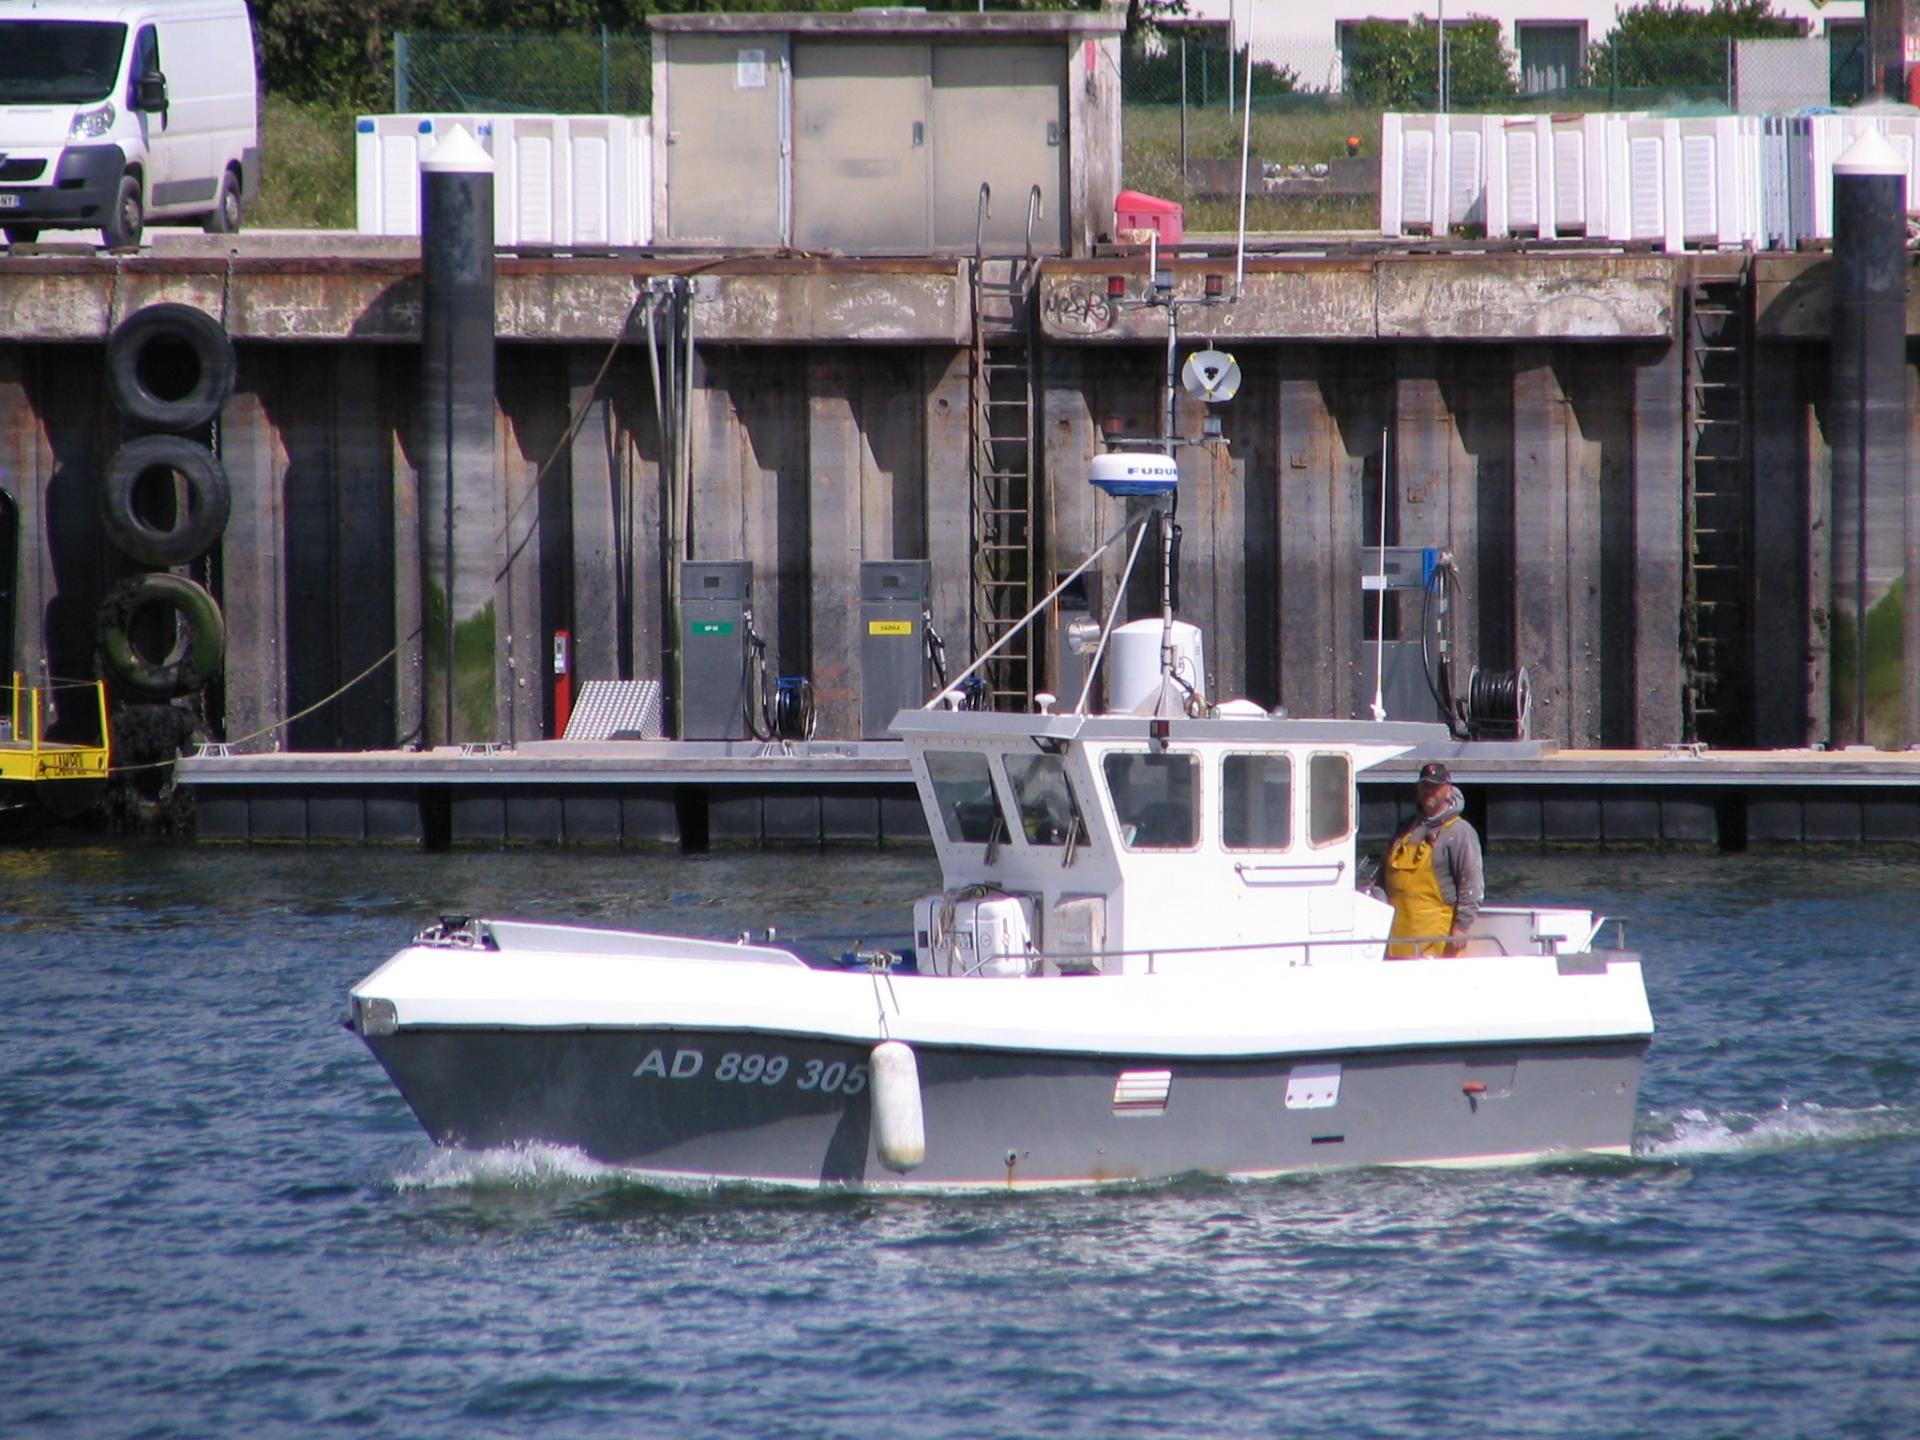 200512 youl vat ii port c